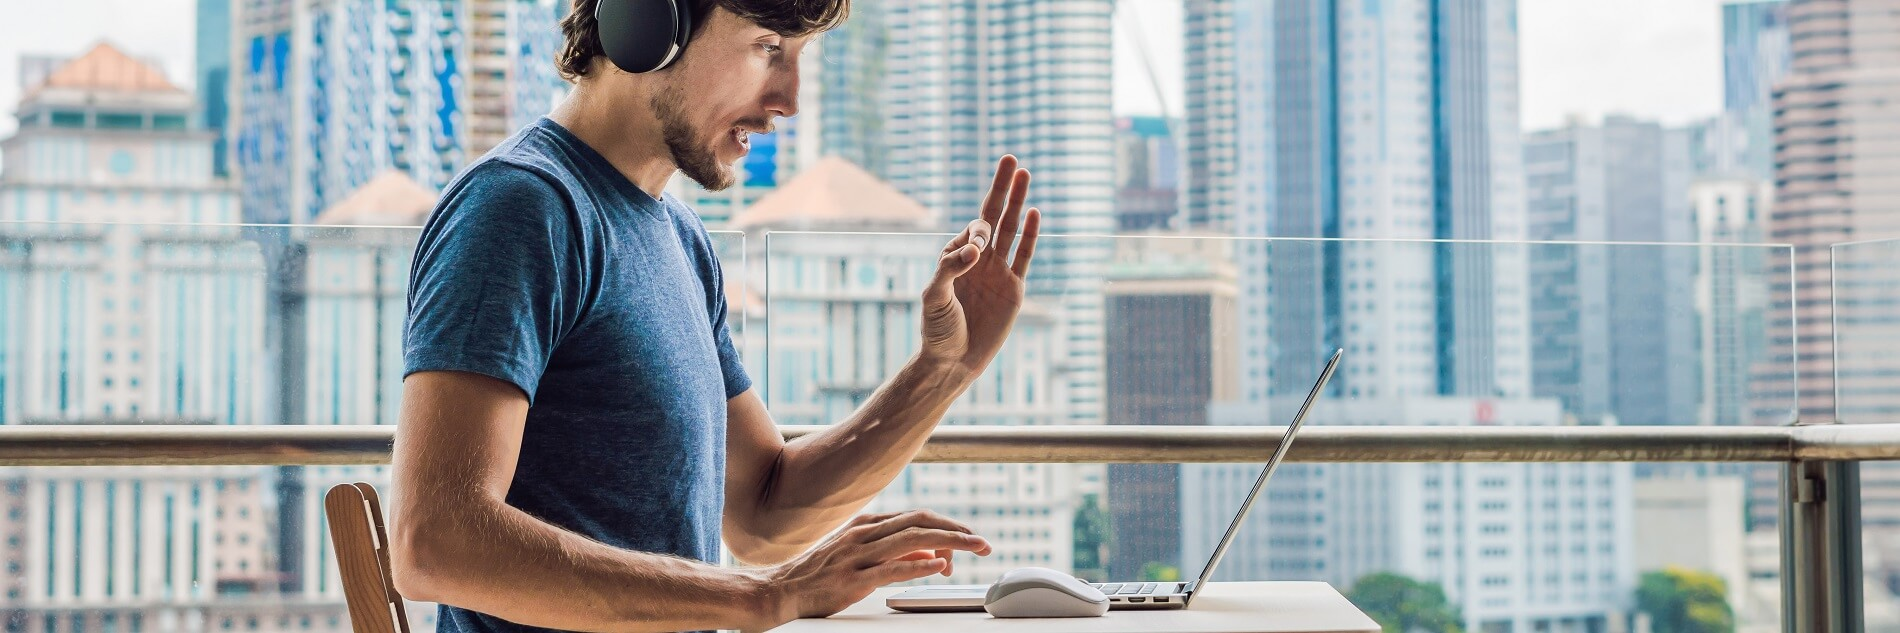 Mann mit Kopfhörern sitz am Laptop